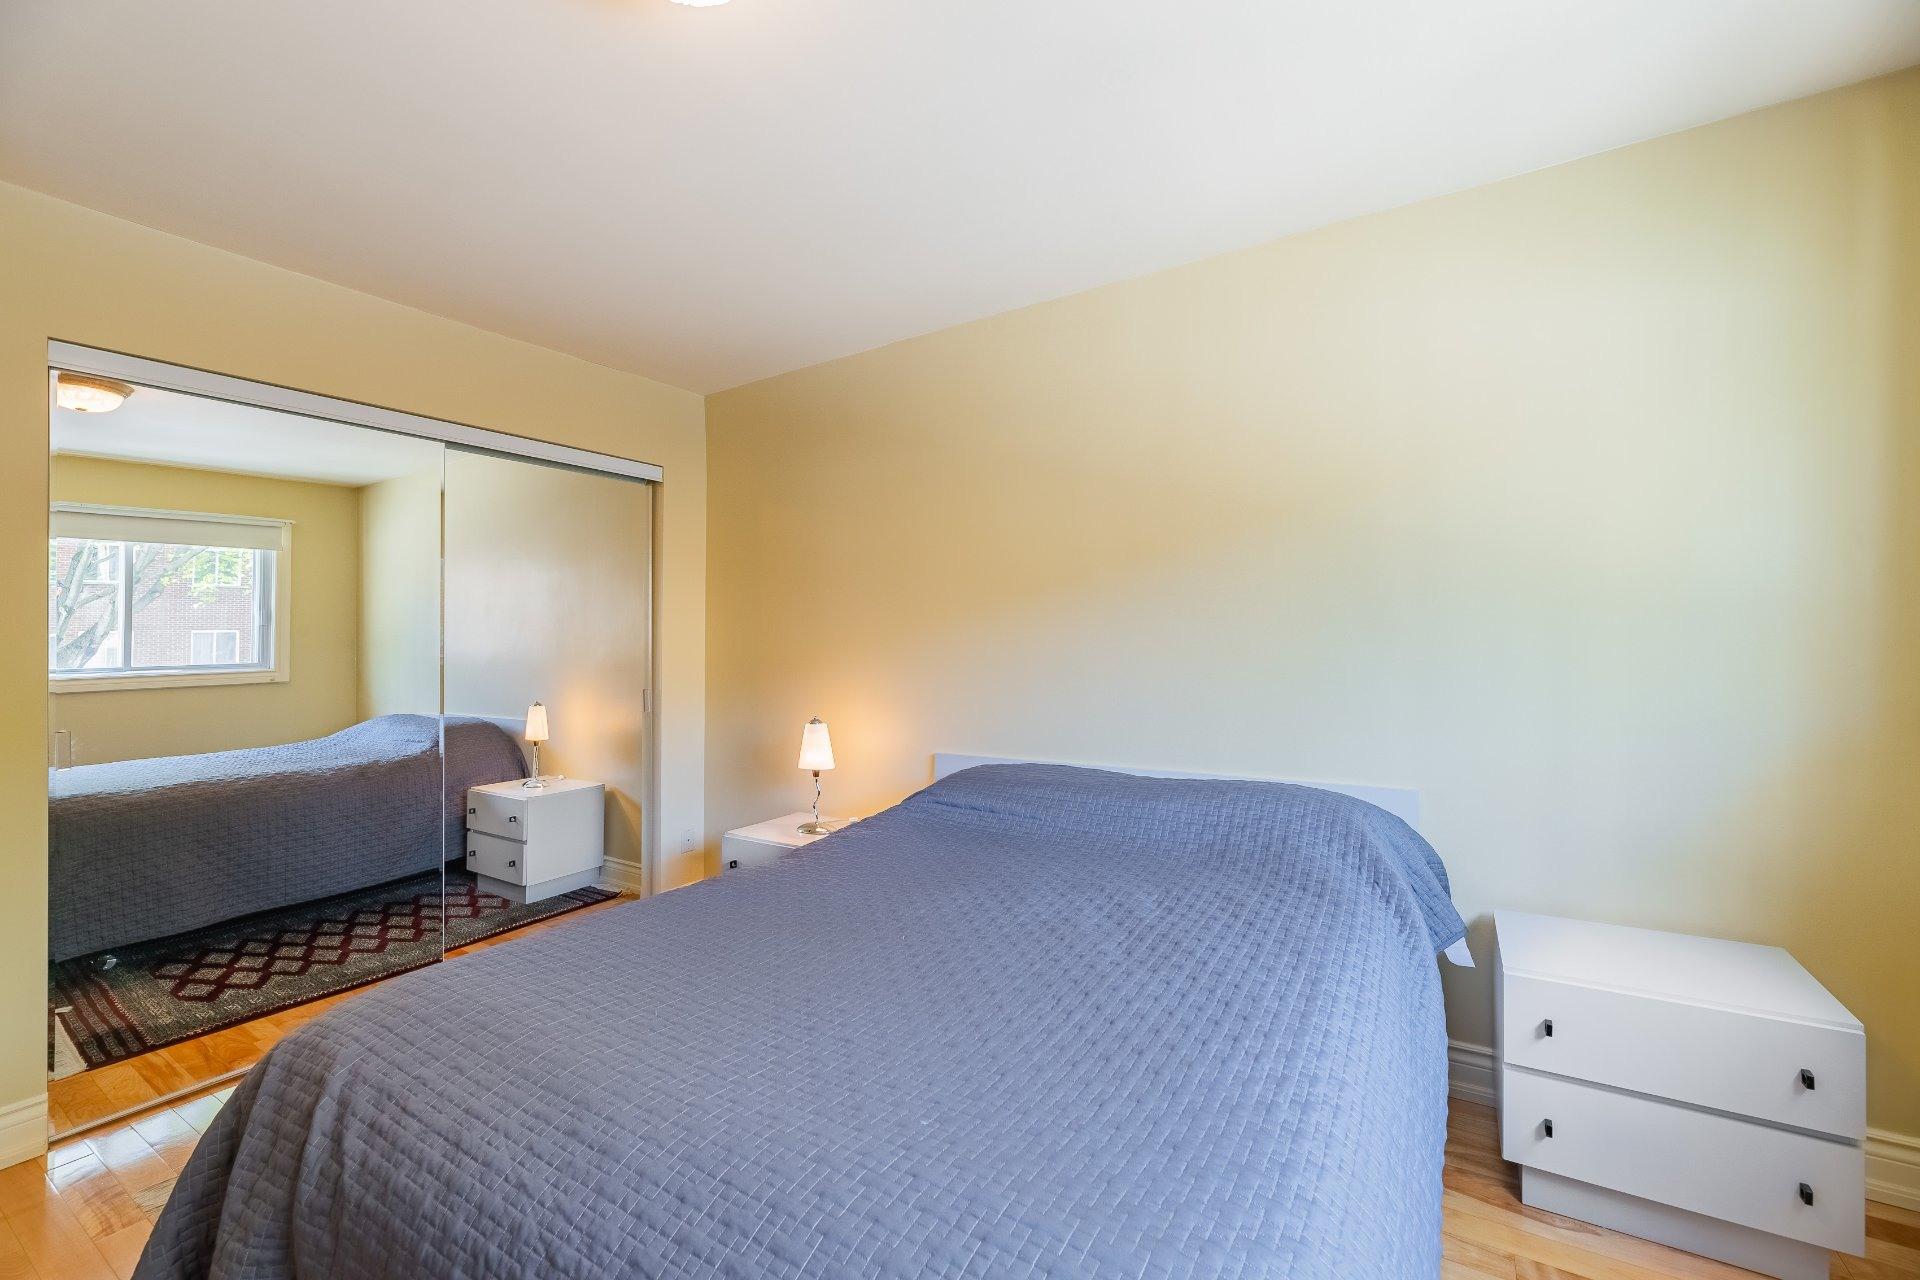 image 18 - Triplex For sale Mercier/Hochelaga-Maisonneuve Montréal  - 6 rooms